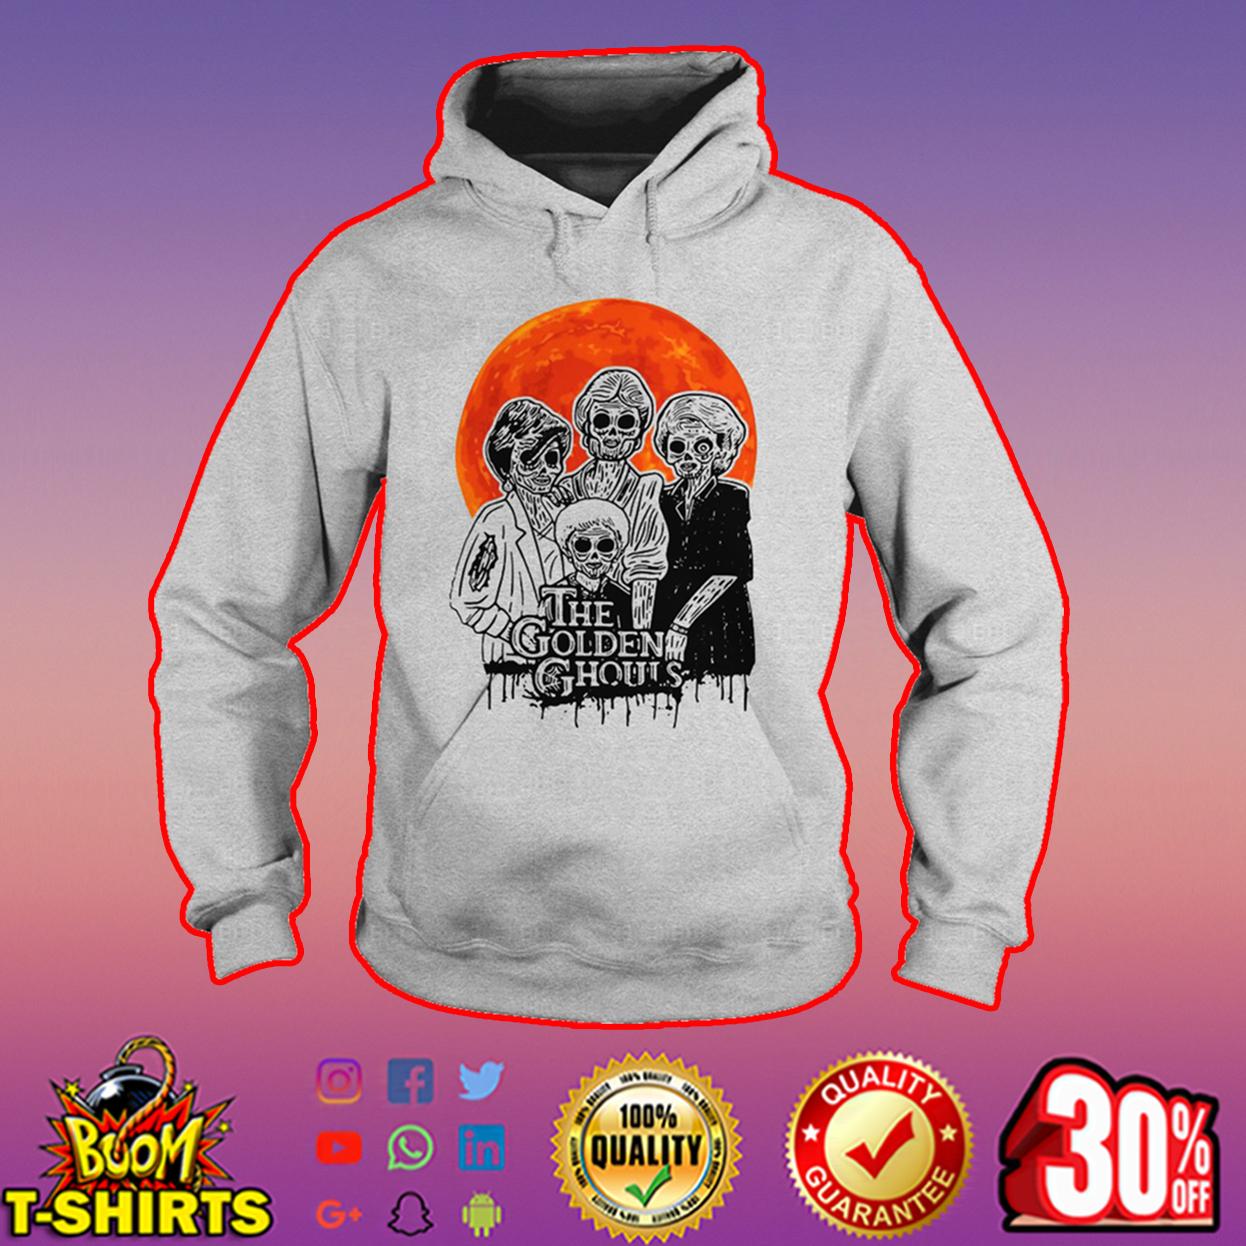 The Golden Ghouls hoodie